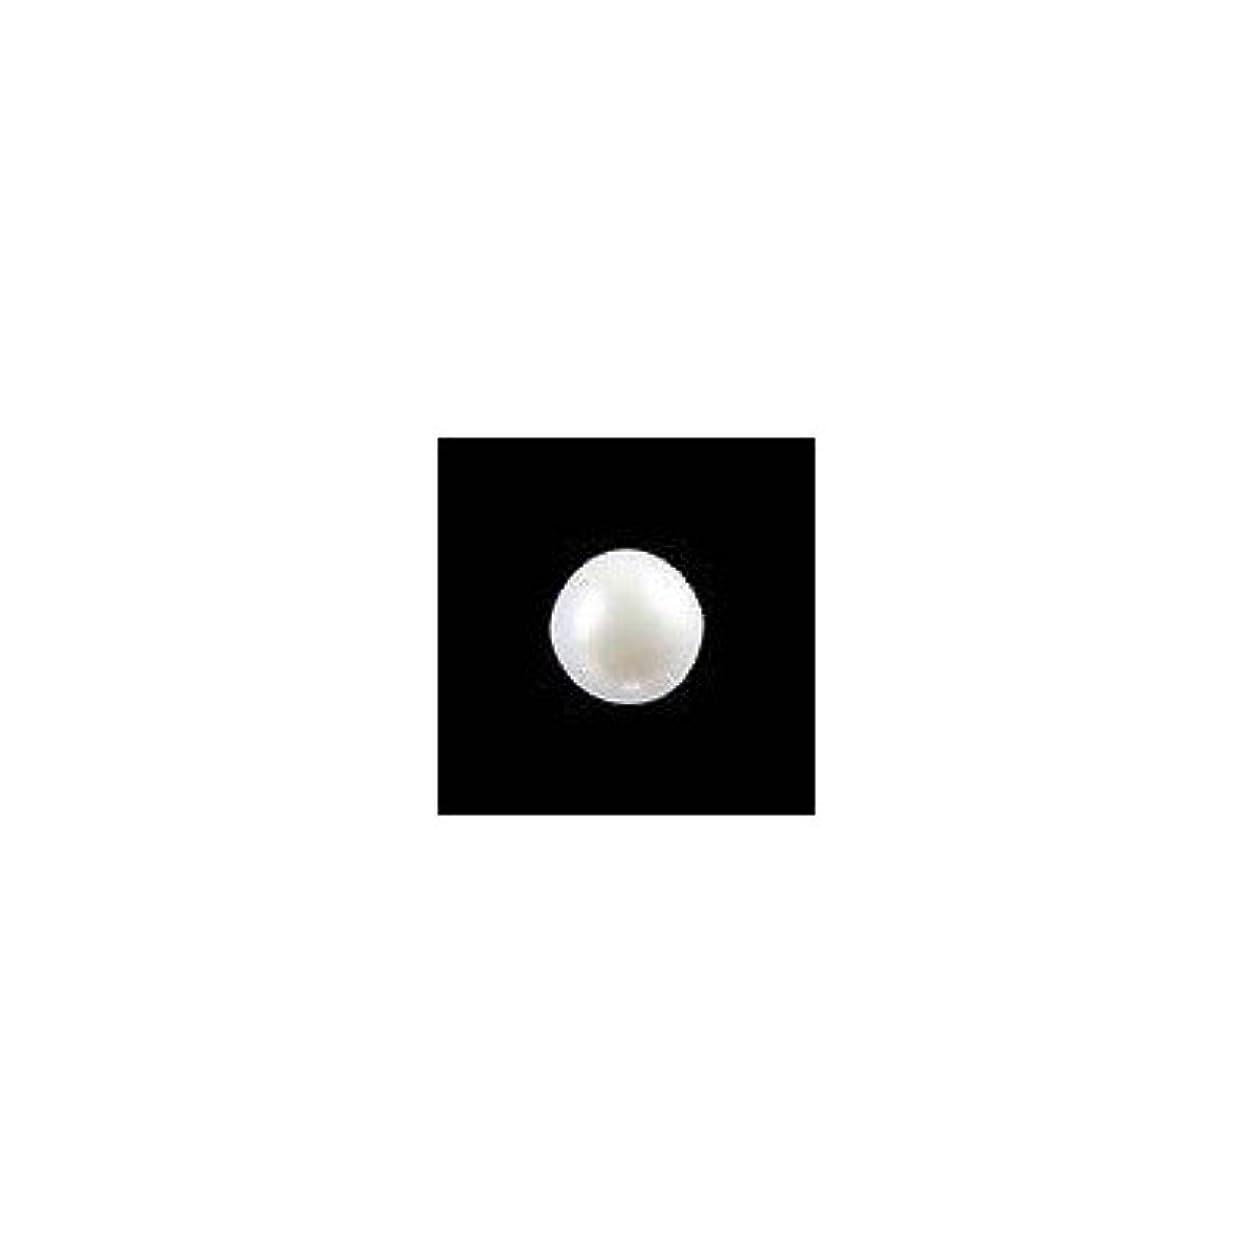 欠伸否定する波紋ピアドラ 大粒パール ラウンド(5mm)24P